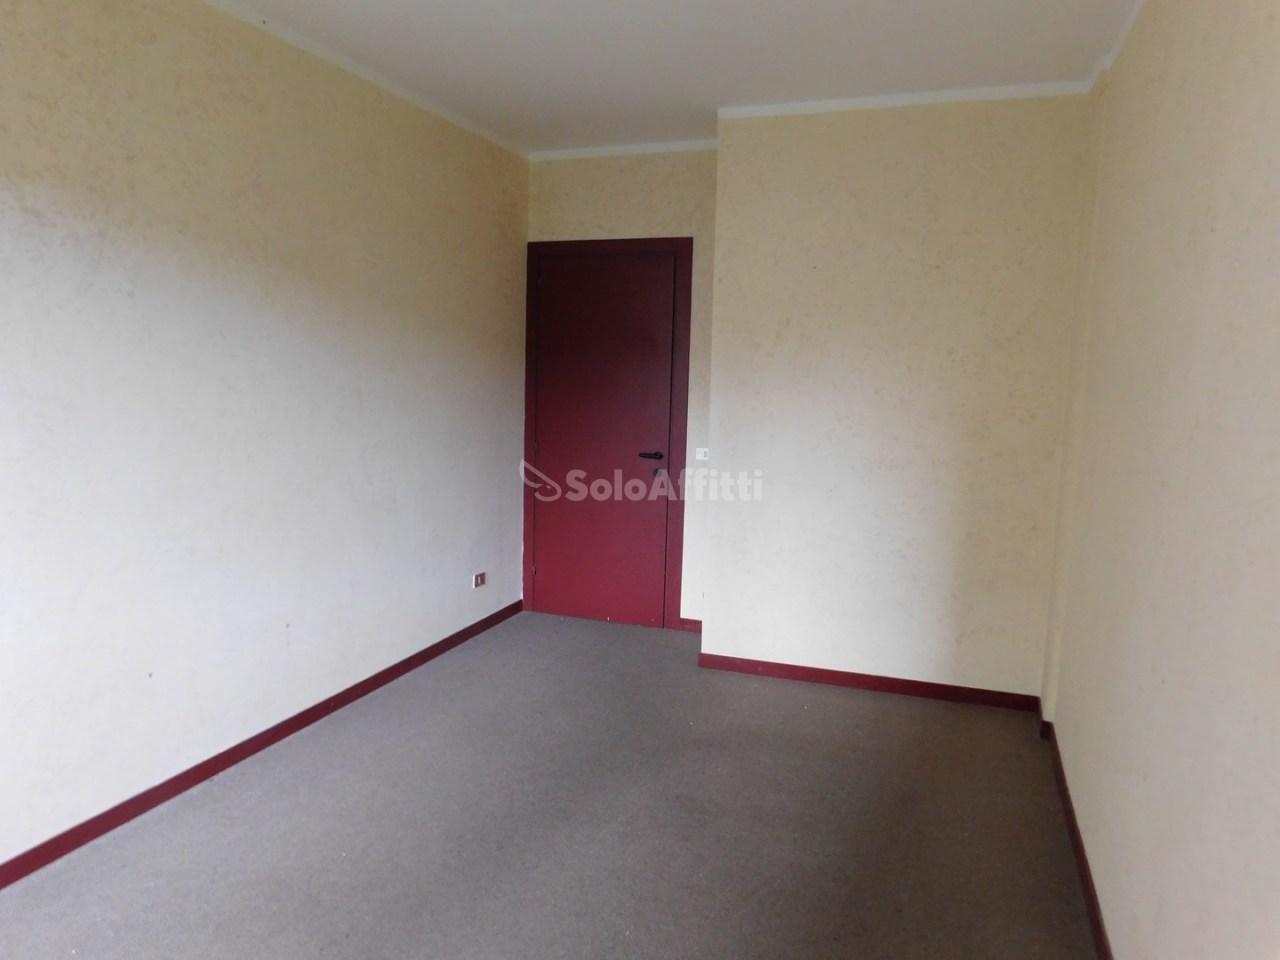 Ufficio - 2 locali a Oltre Letimbro, Savona Rif. 12384099